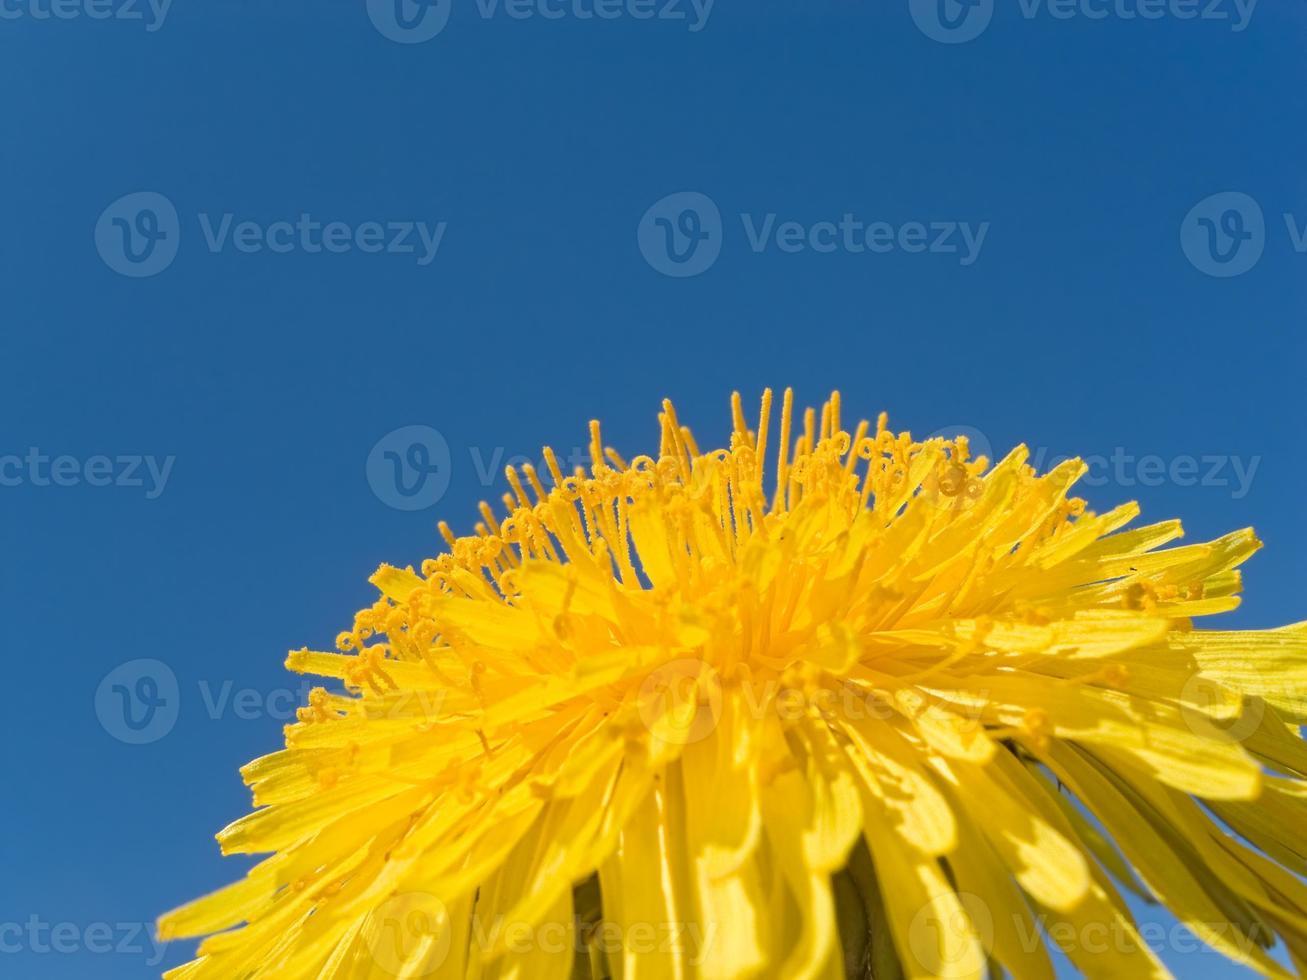 paardenbloem: bloemhoofd met heldere blauwe lucht en kopie ruimte foto